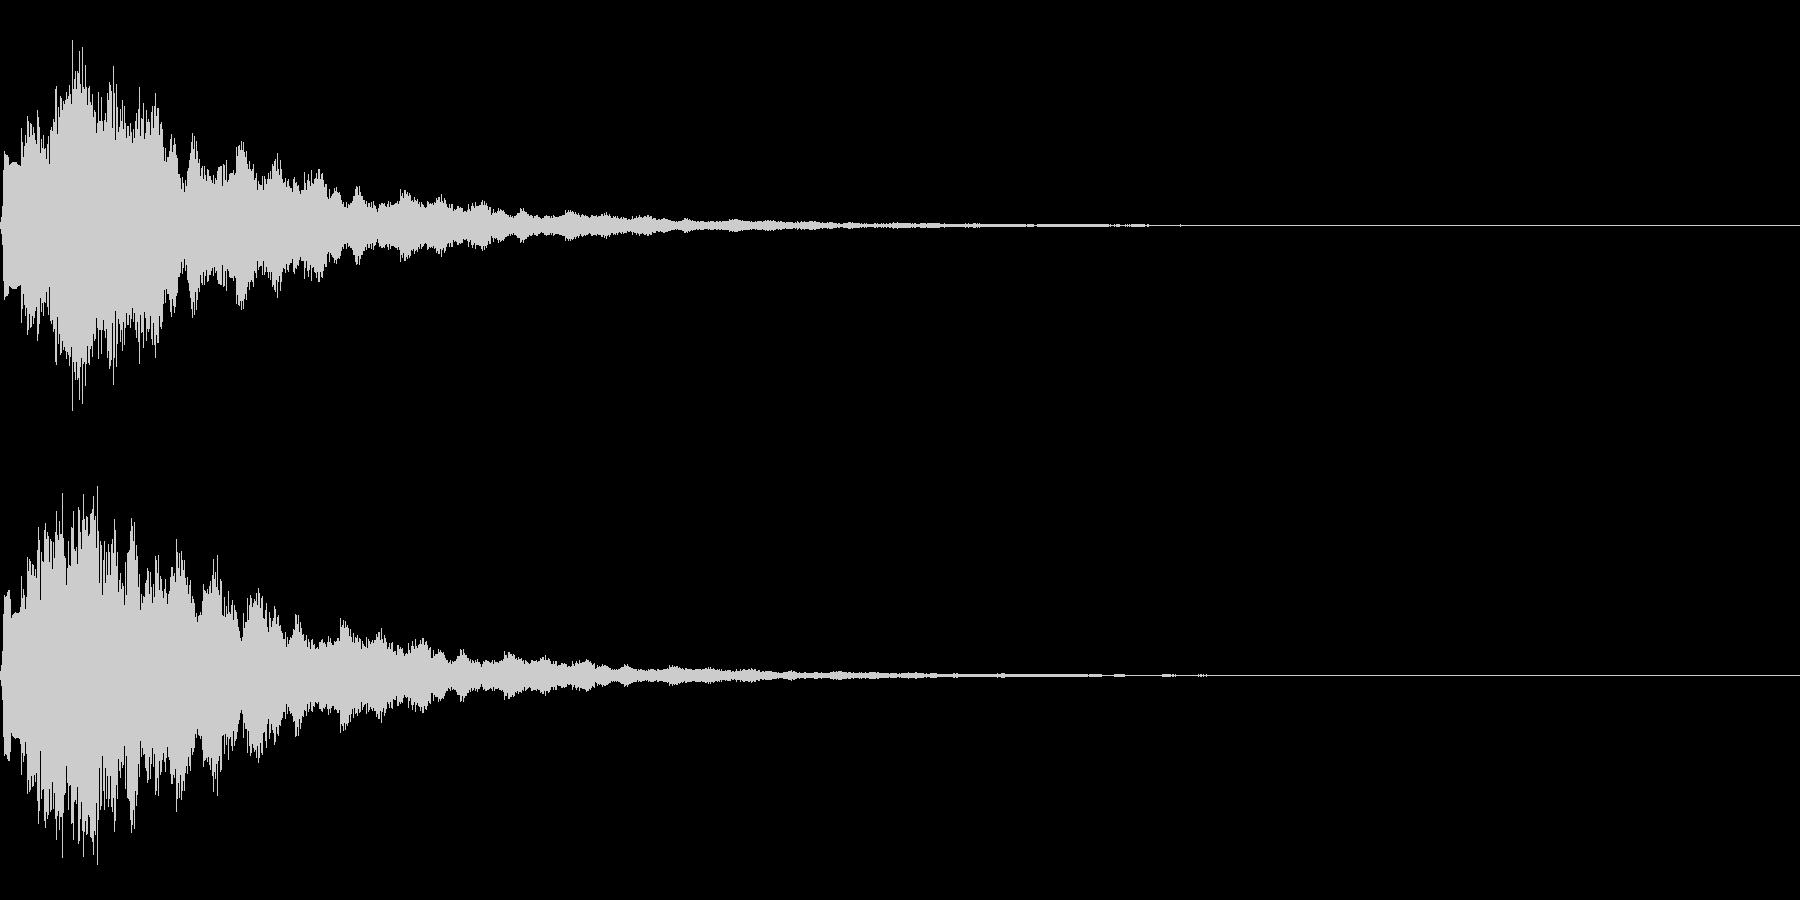 サウンドロゴ13(ベル系)の未再生の波形